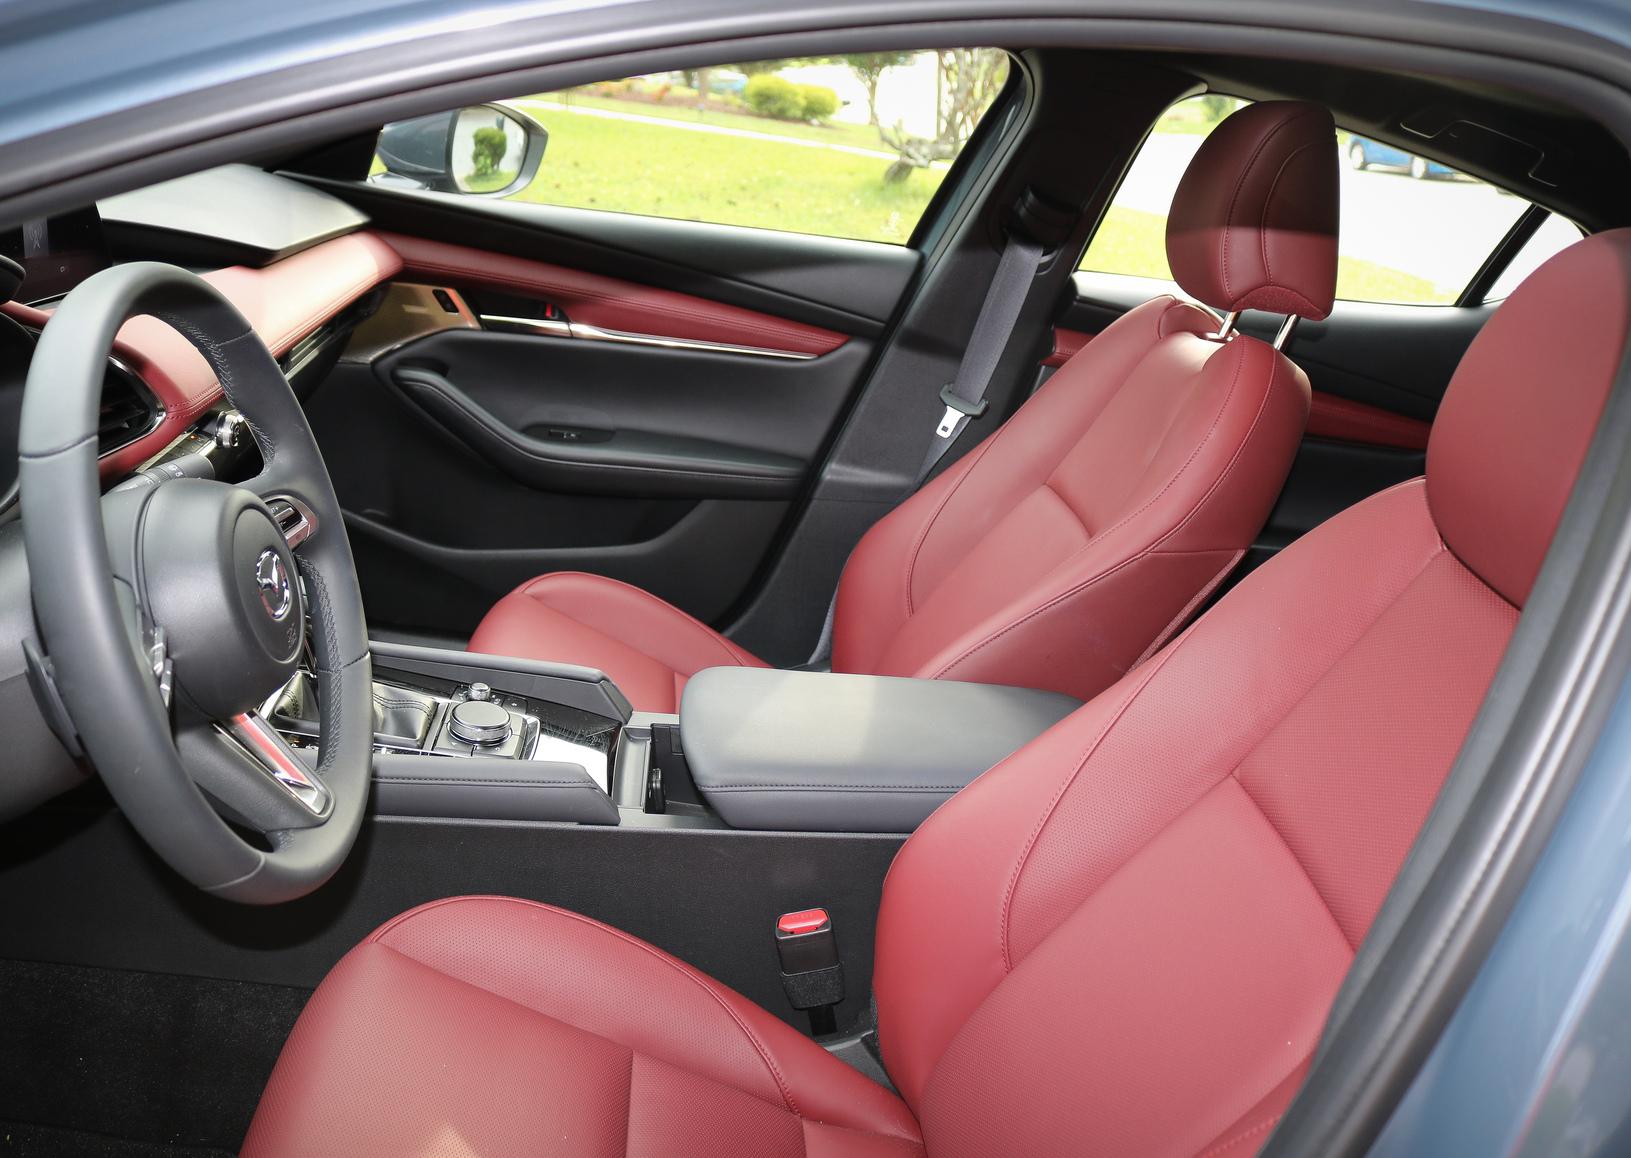 Mazda3 two-tone interior